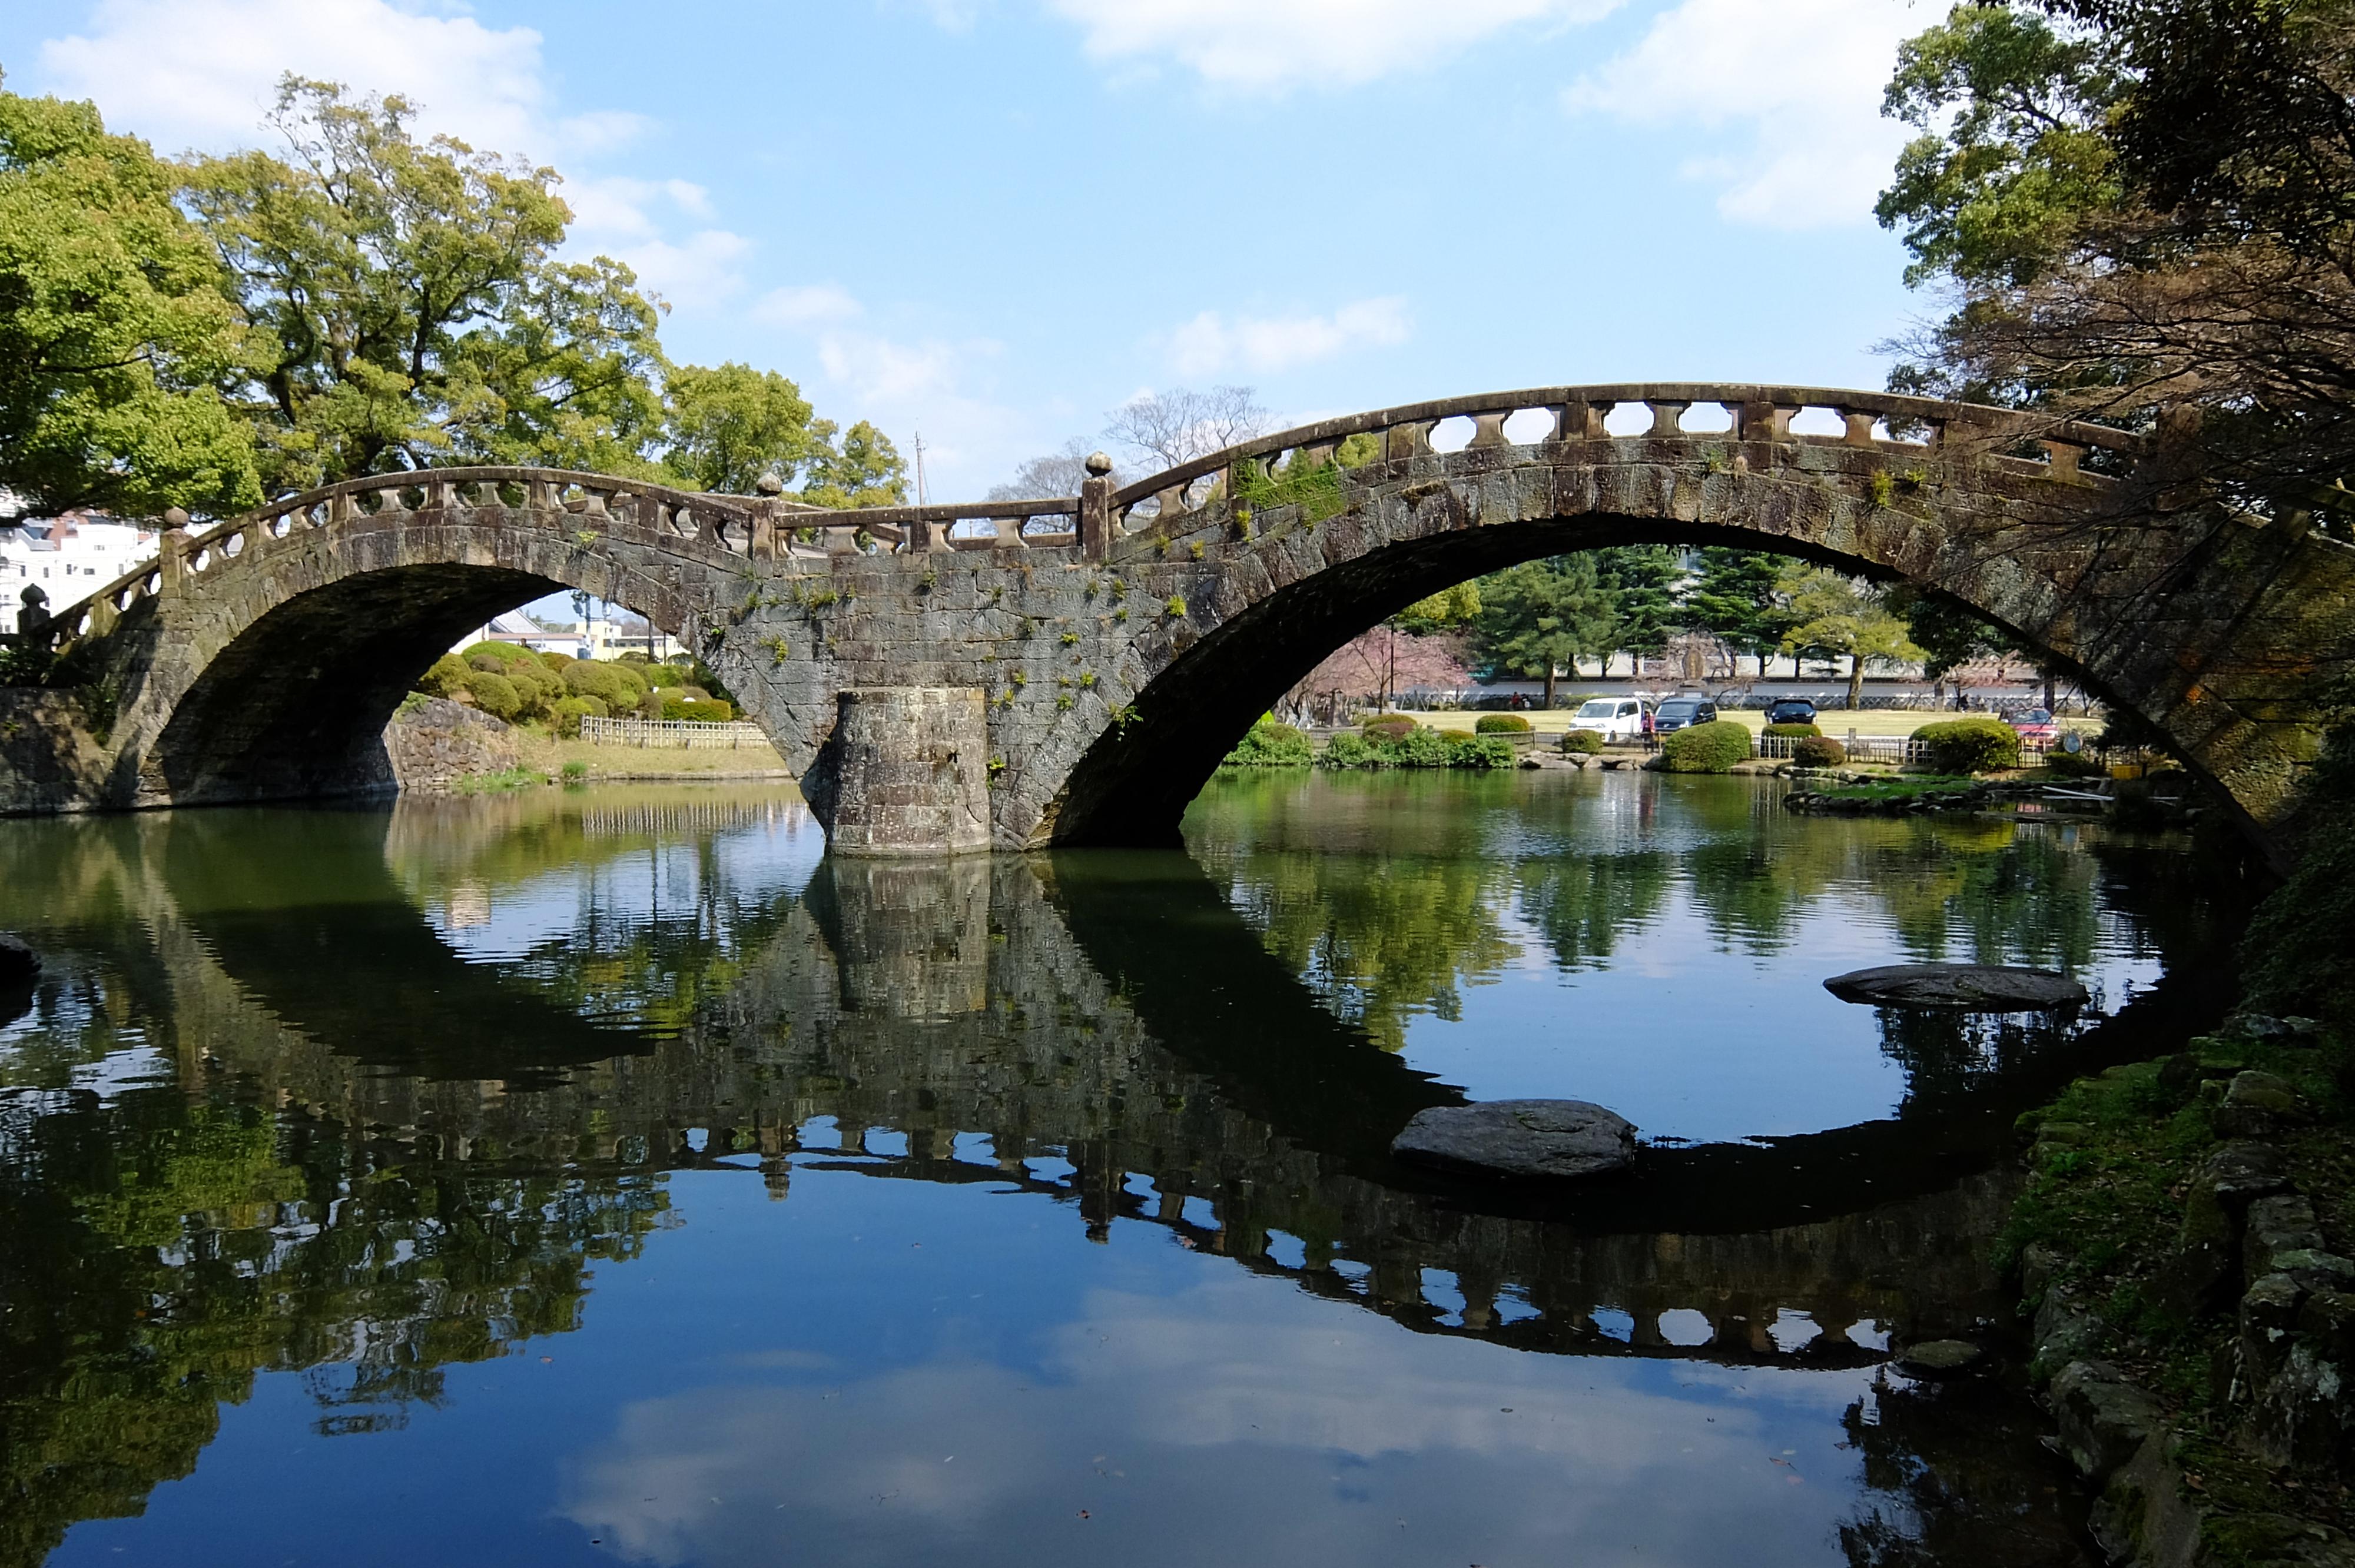 長崎「眼鏡橋」のハート石はどこ?見所や人気のカフェやランチを紹介!